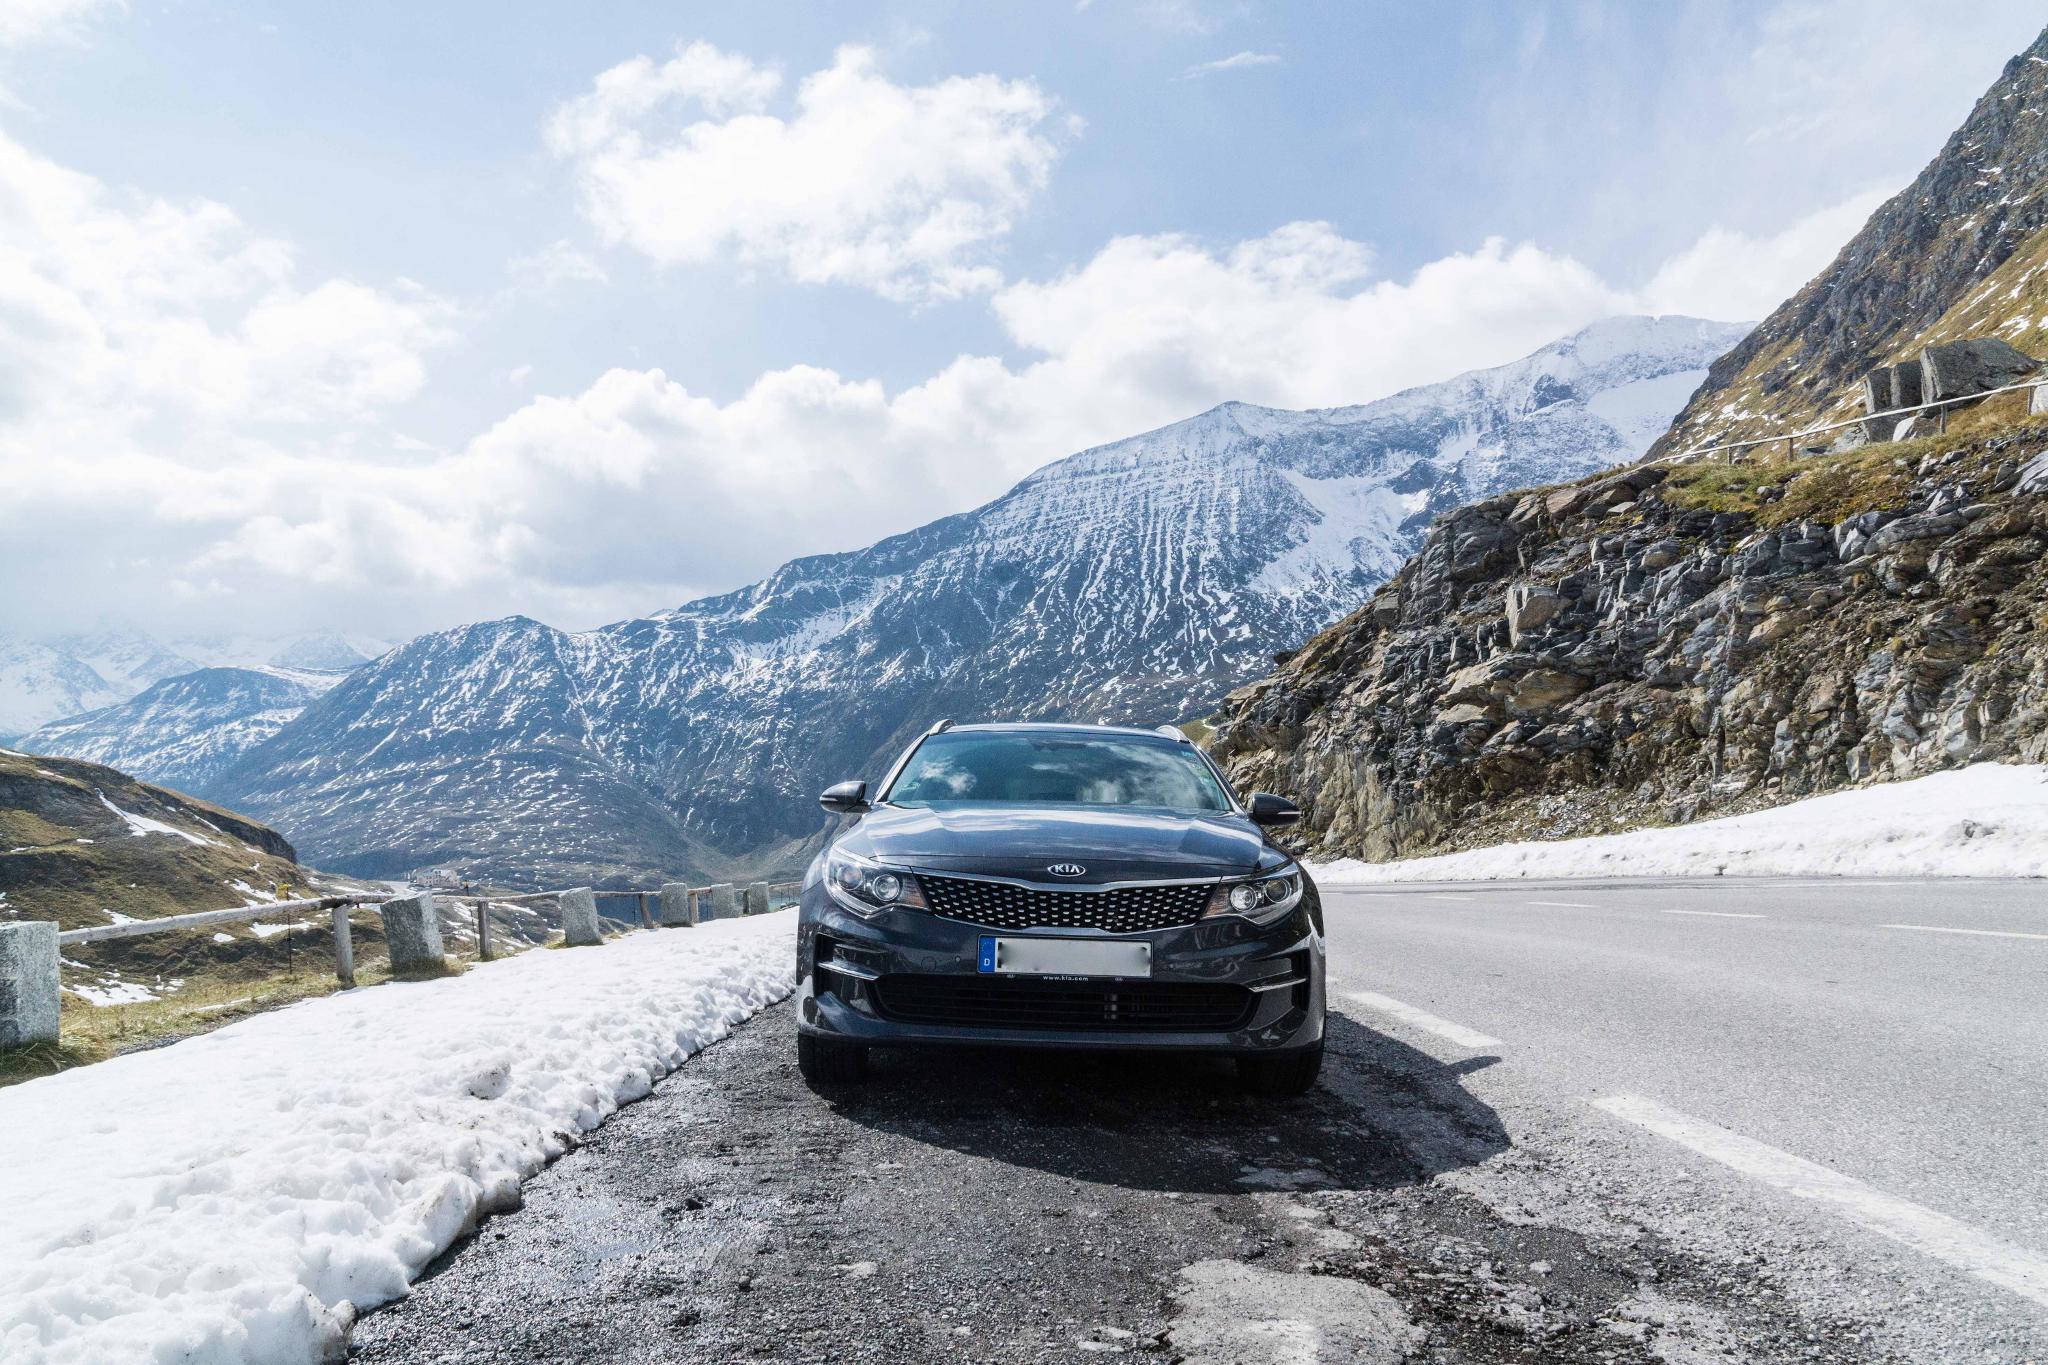 【奧地利】穿越阿爾卑斯之巔 — 奧地利大鐘山冰河公路 (Grossglockner High Alpine Road) 25